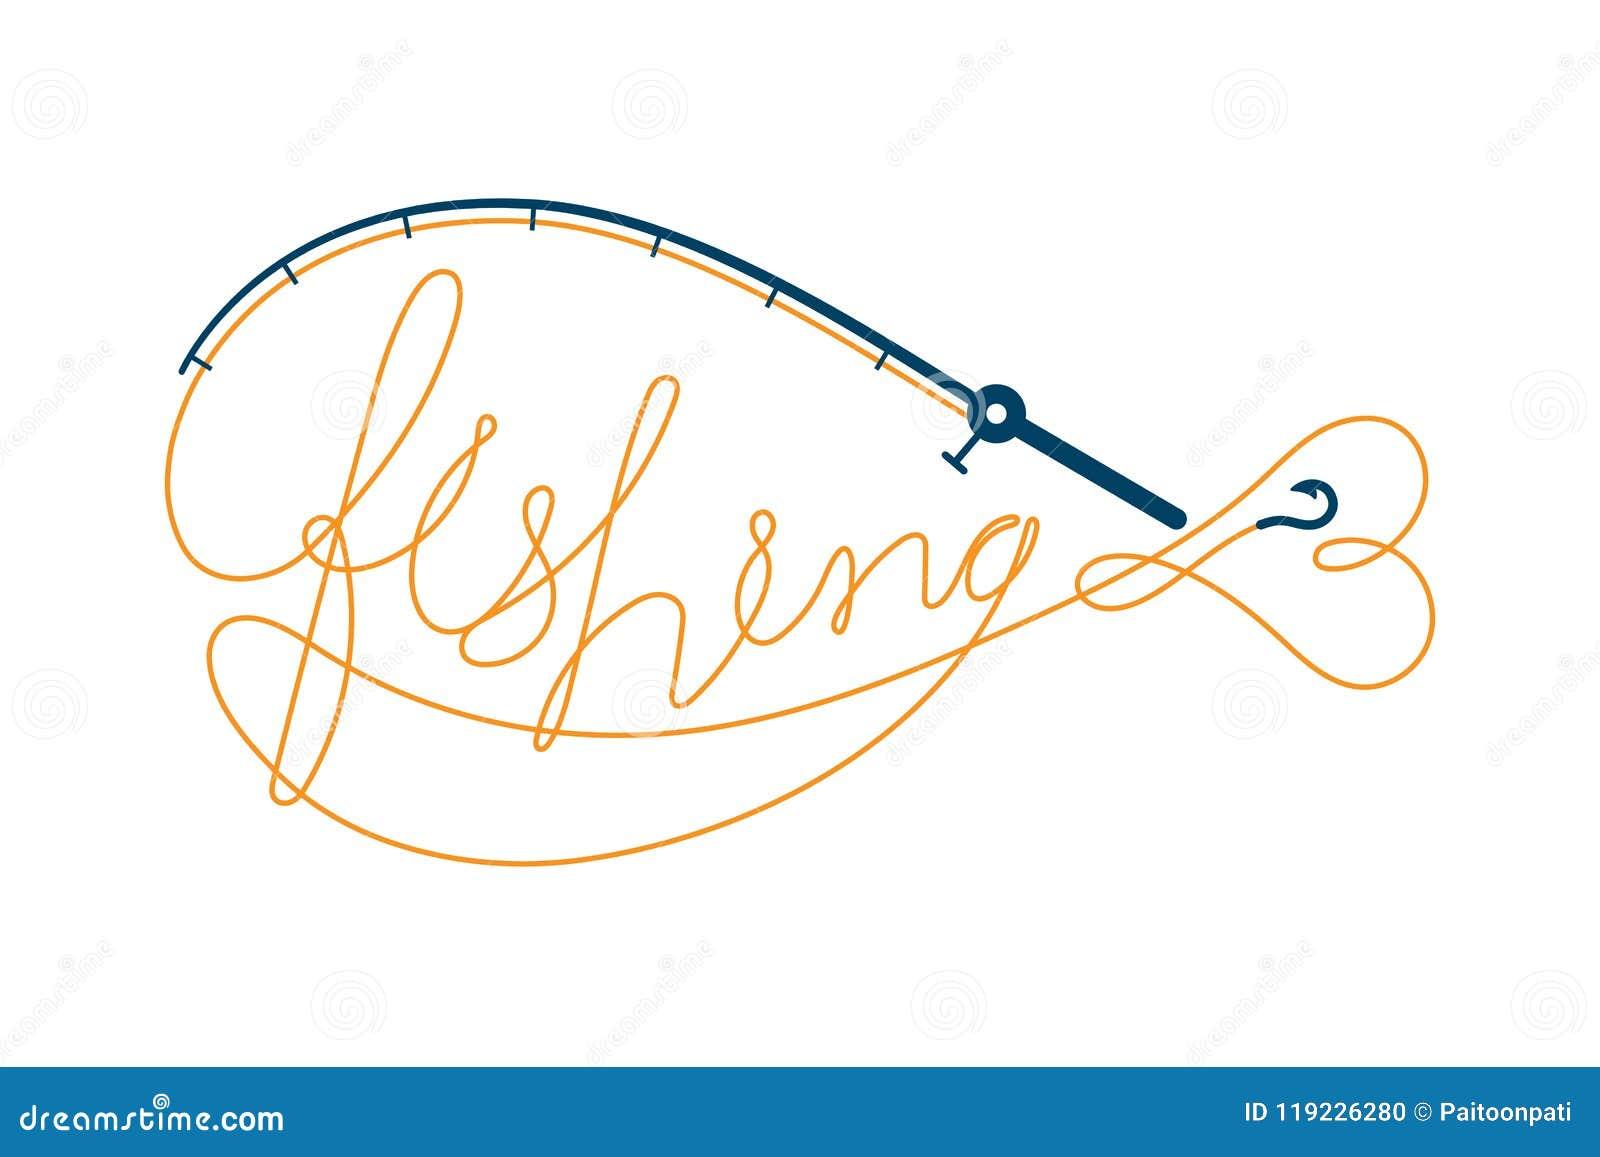 Pesque el texto hecho de forma de los pescados del marco de la caña de pescar, del ejemplo anaranjado y azul marino del diseño de